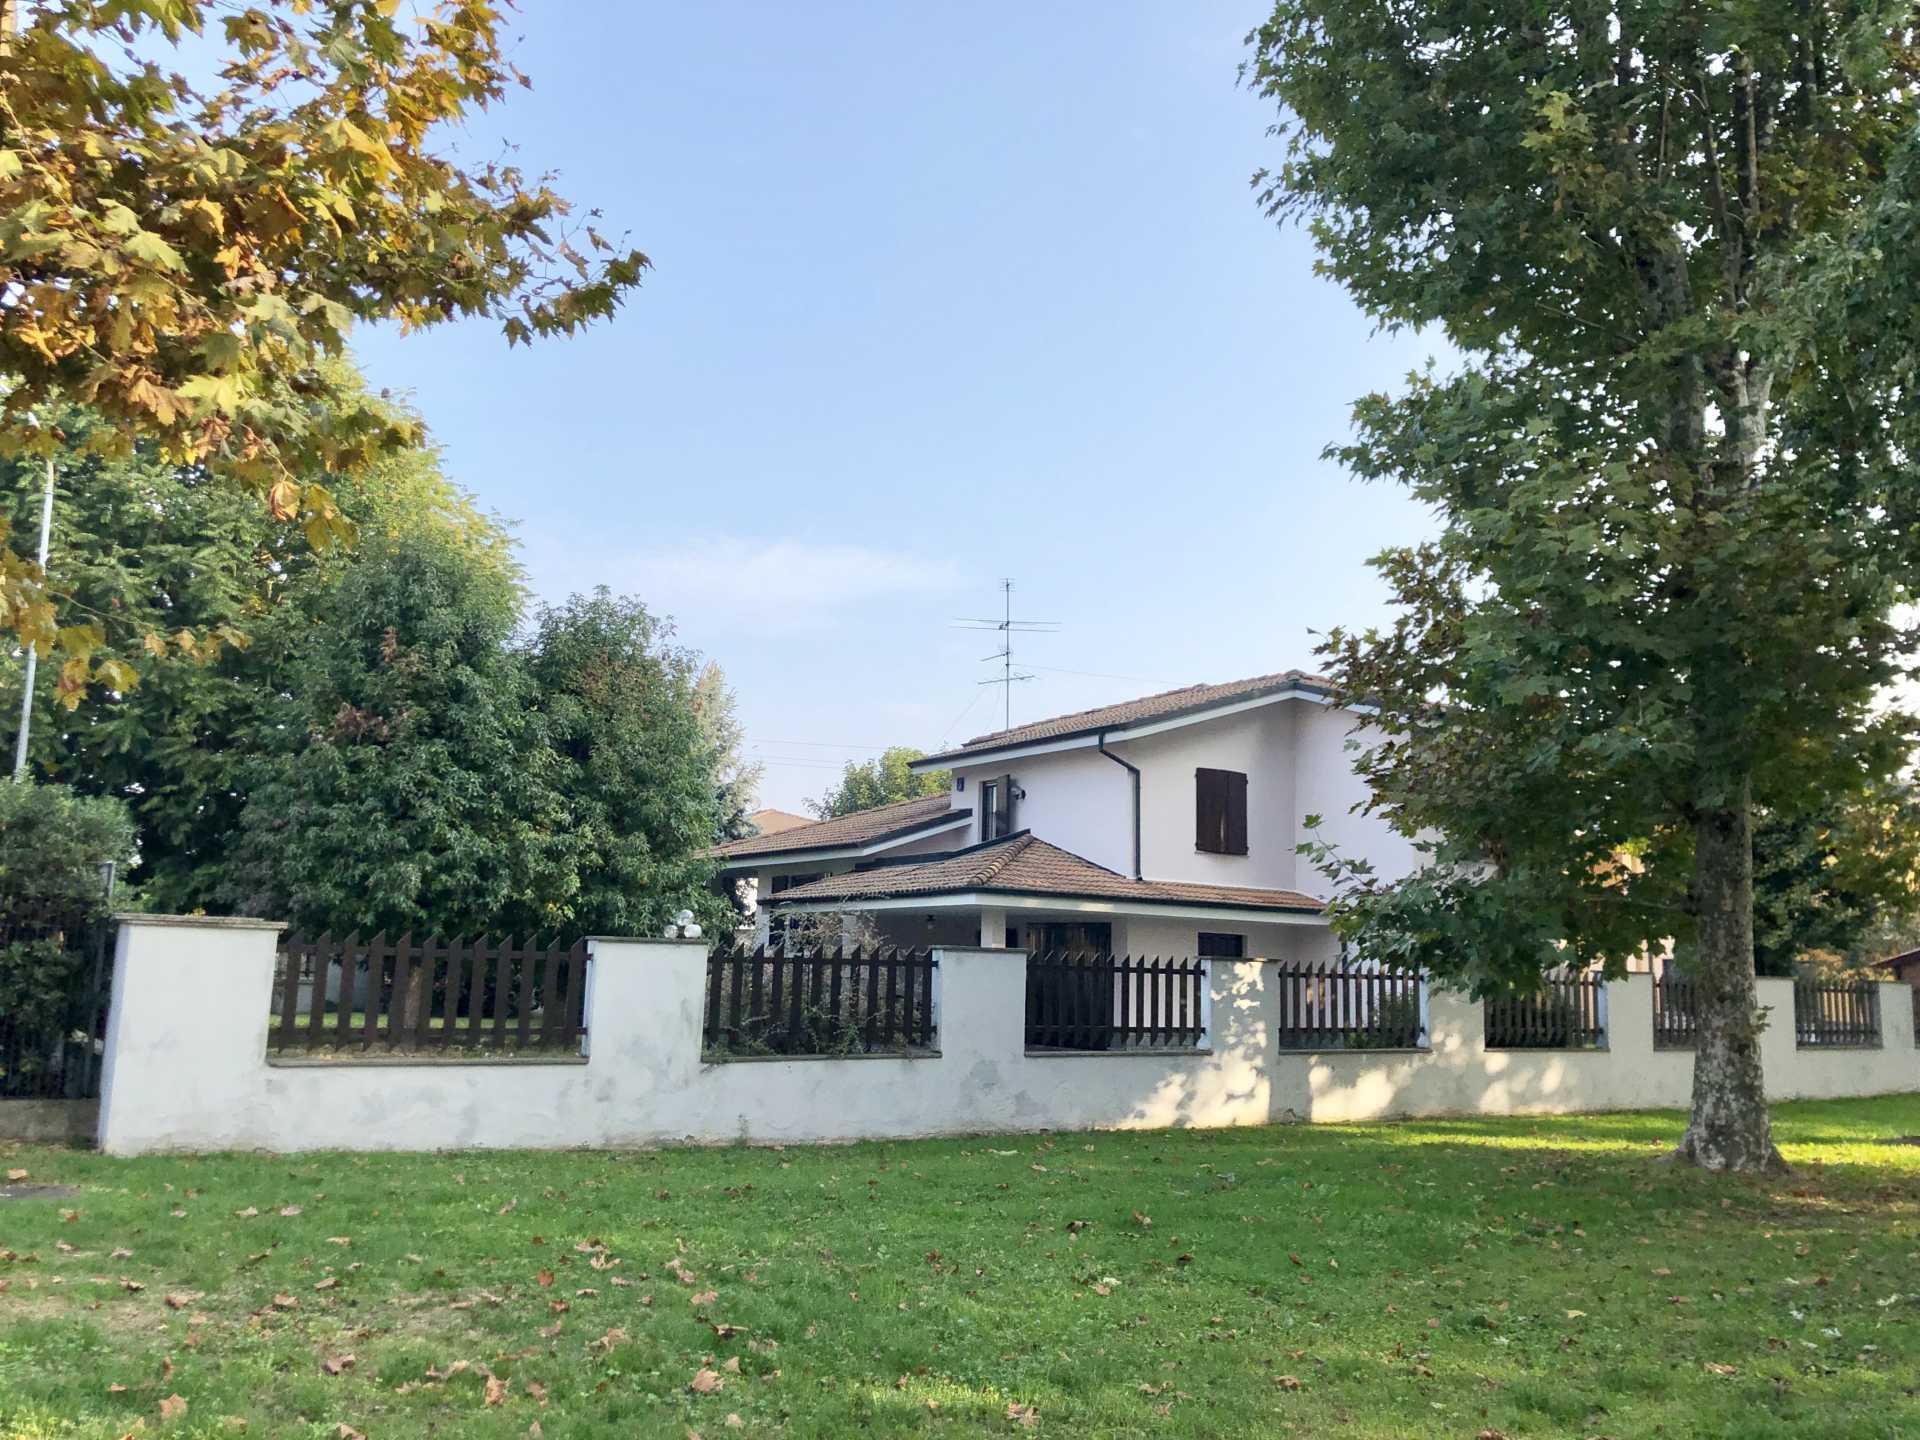 Villa-singola-in-vendita-a-Massalengo (2)